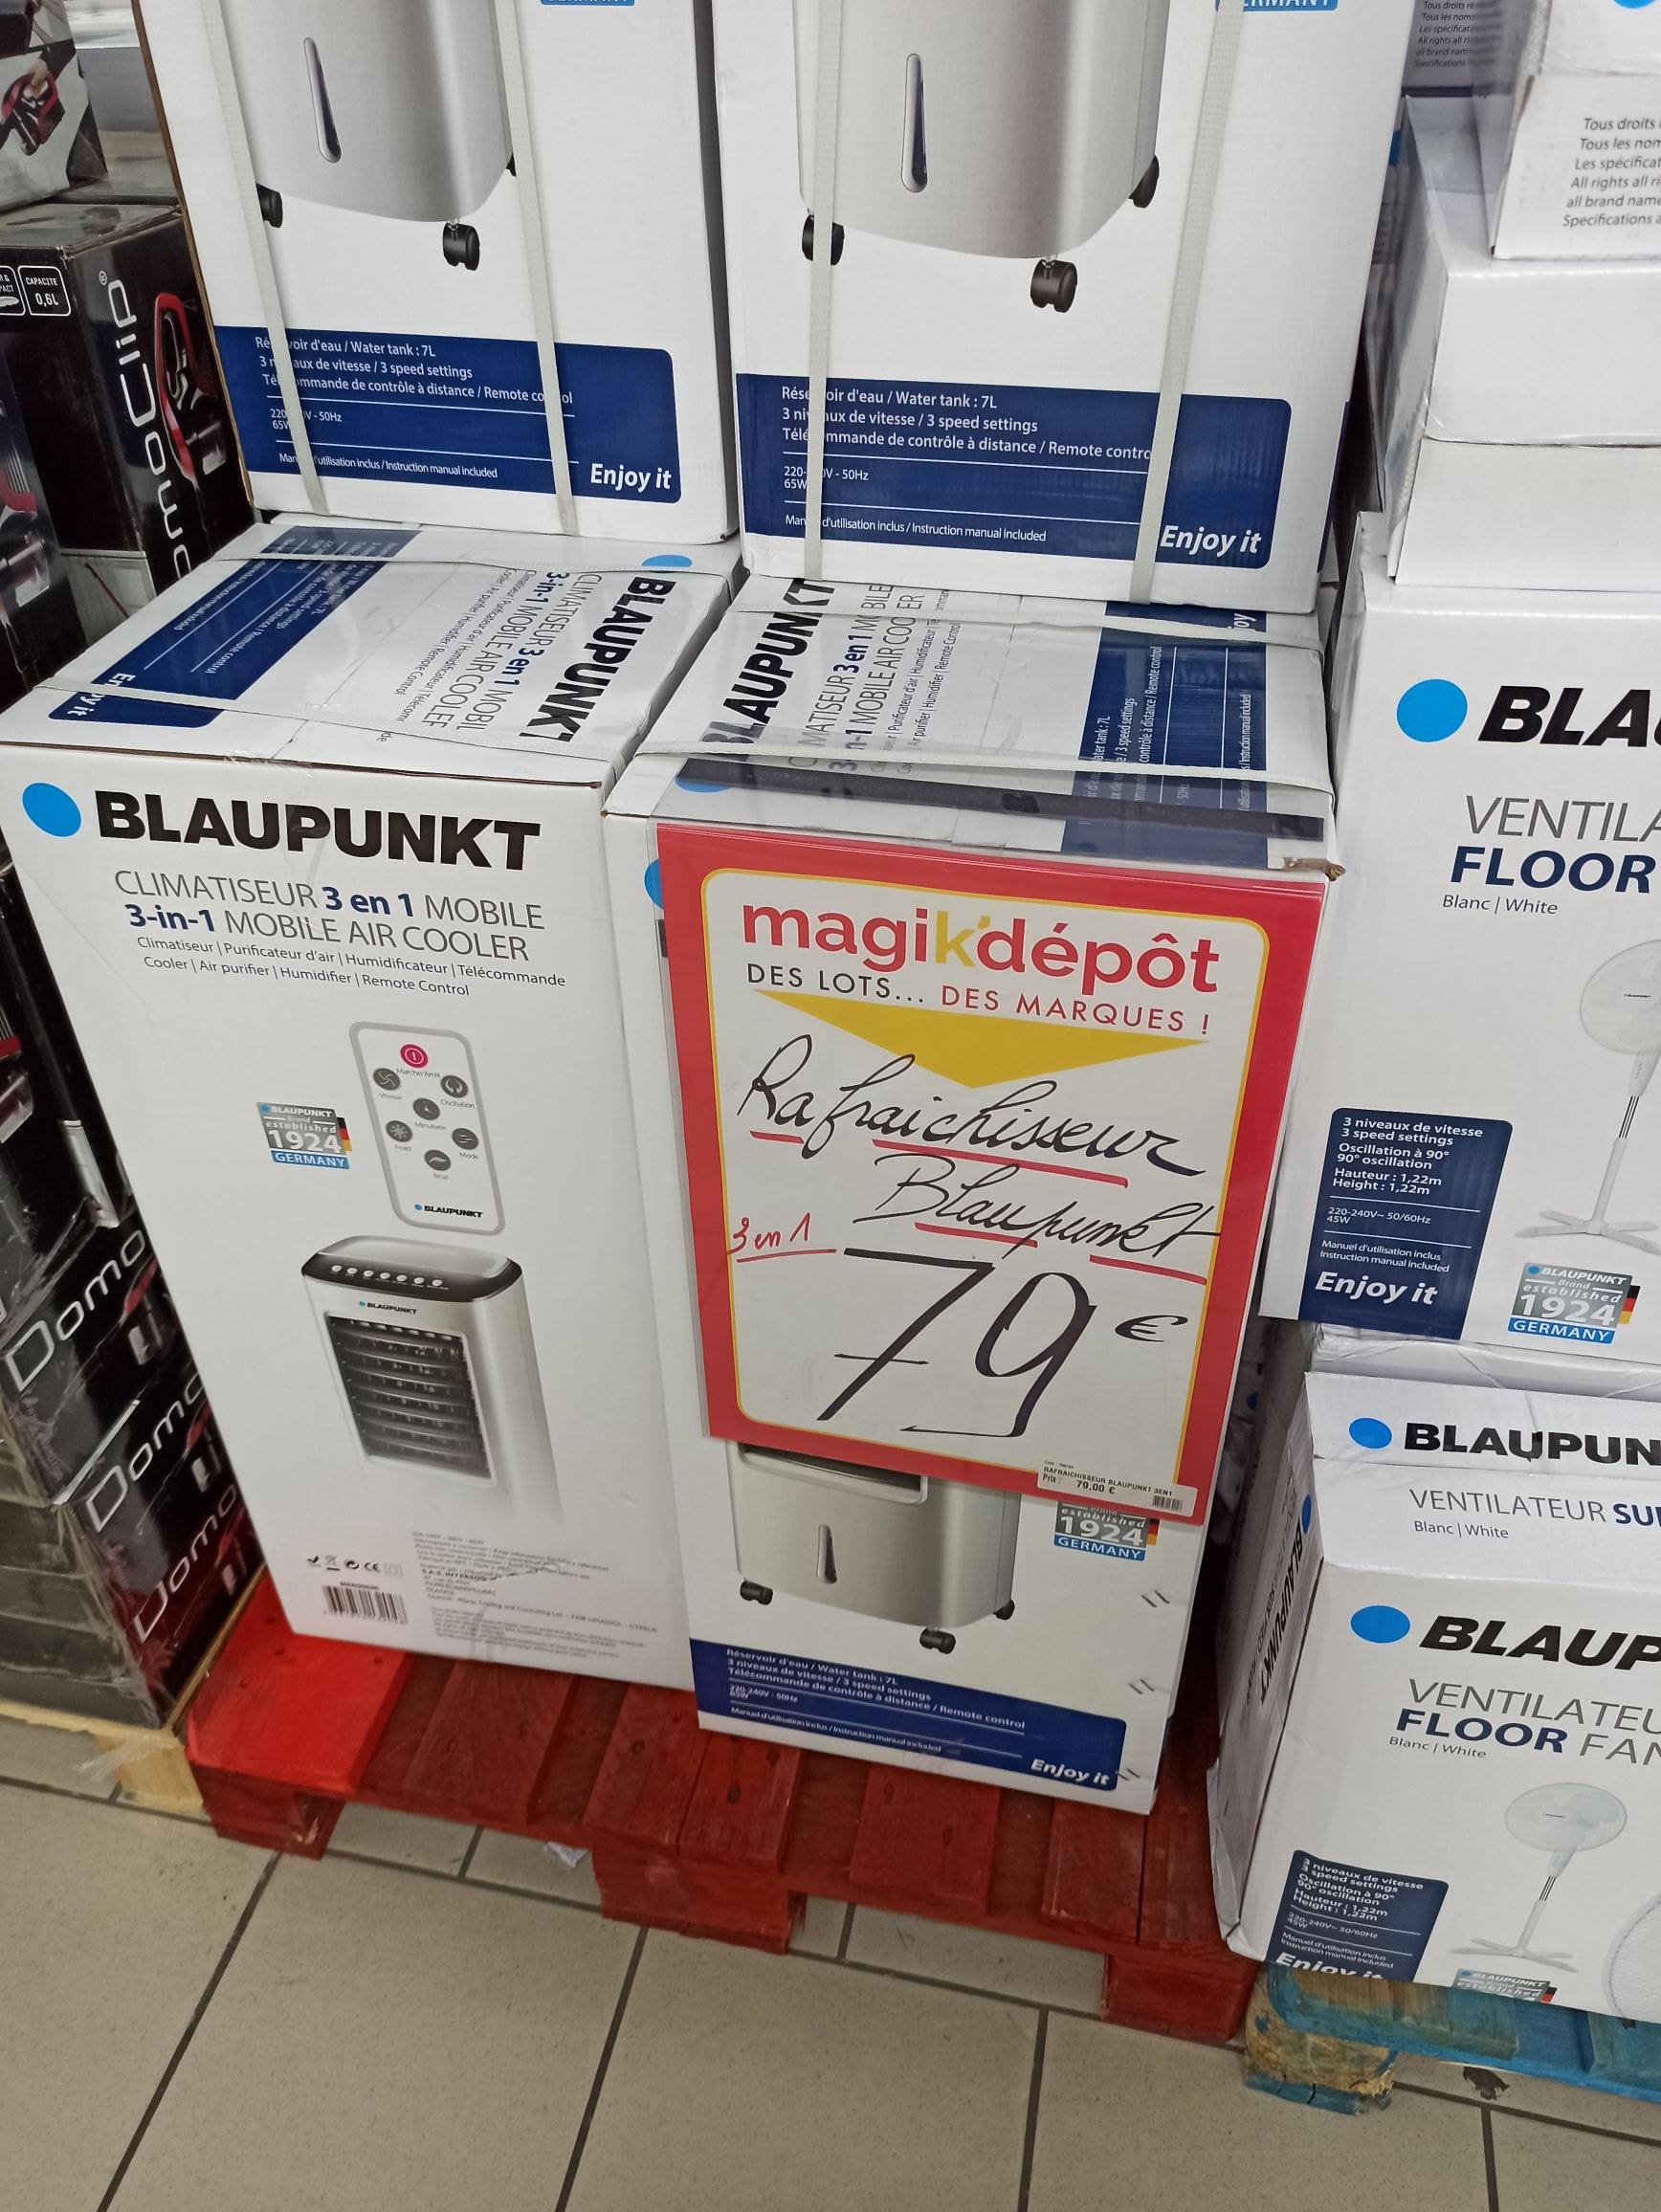 Rafraîchisseur 3en1 Blaupunkt Mobile Cooler - à Magik'depot (Coquelles 62)